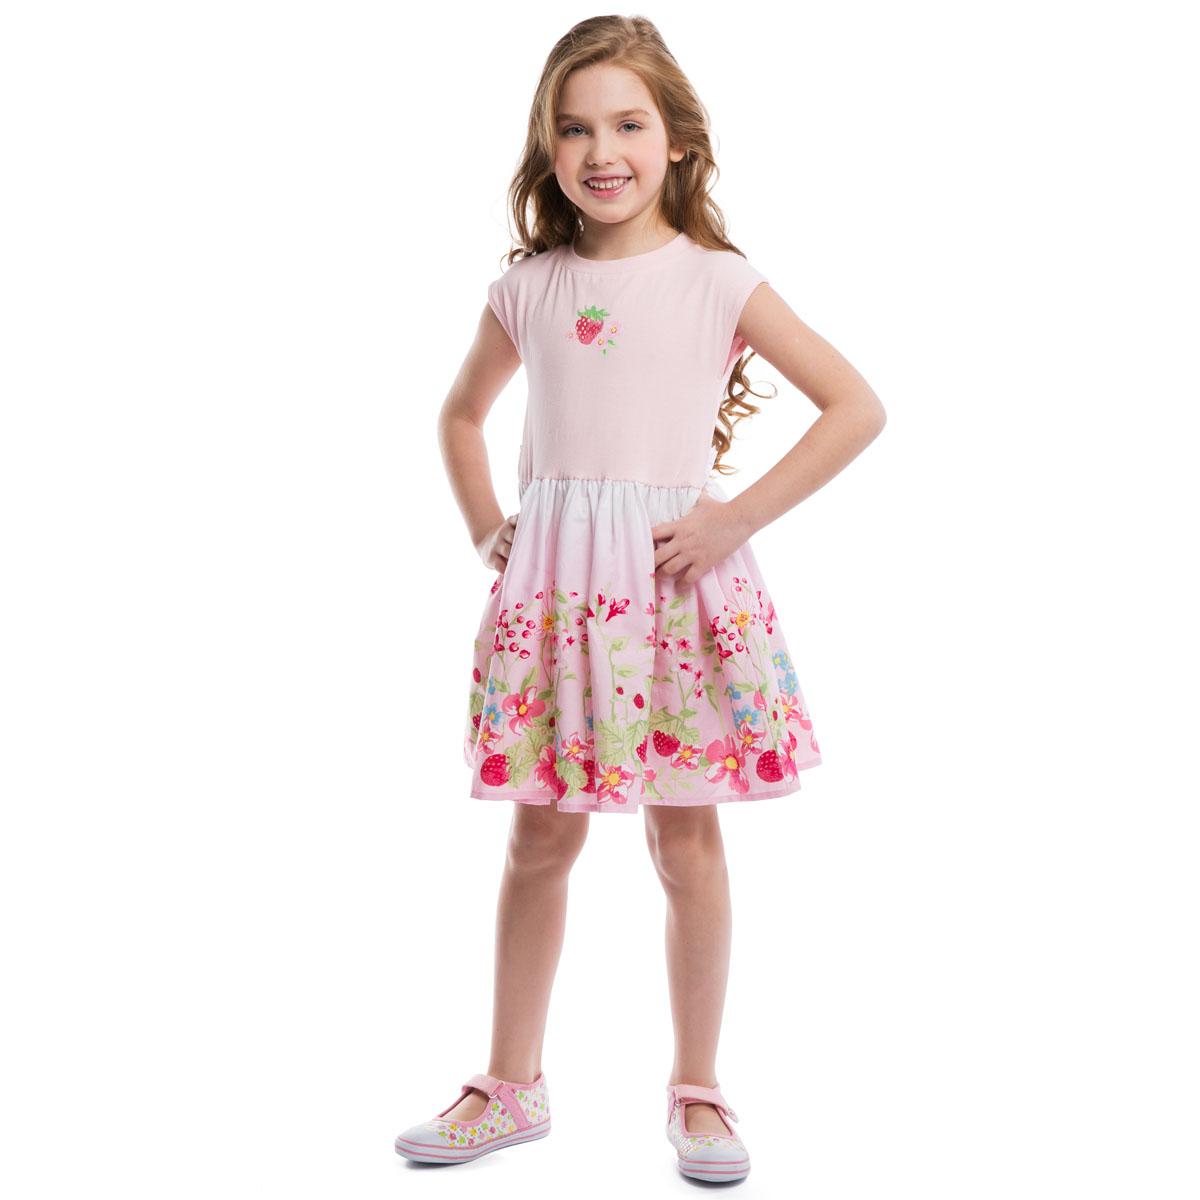 262003Яркое платье для девочки PlayToday идеально подойдет вашей маленькой моднице. Верх изготовлен из эластичного хлопка, а юбка из натурального хлопка, оно необычайно мягкое и приятное на ощупь, не сковывает движения малышки и позволяет коже дышать, не раздражает даже самую нежную и чувствительную кожу ребенка, обеспечивая наибольший комфорт. Платье с пышной юбкой, цельнокроеными рукавами и круглым вырезом горловины на талии дополнено эластичной резинкой. На спинке расположен широкий пояс, завязывающийся в очаровательный бант. Модель оформлена цветочно-ягодным принтом. Оригинальный современный дизайн и модная расцветка делают это платье модным и стильным предметом детского гардероба. В нем ваша малышка будет чувствовать себя уютно и комфортно и всегда будет в центре внимания!